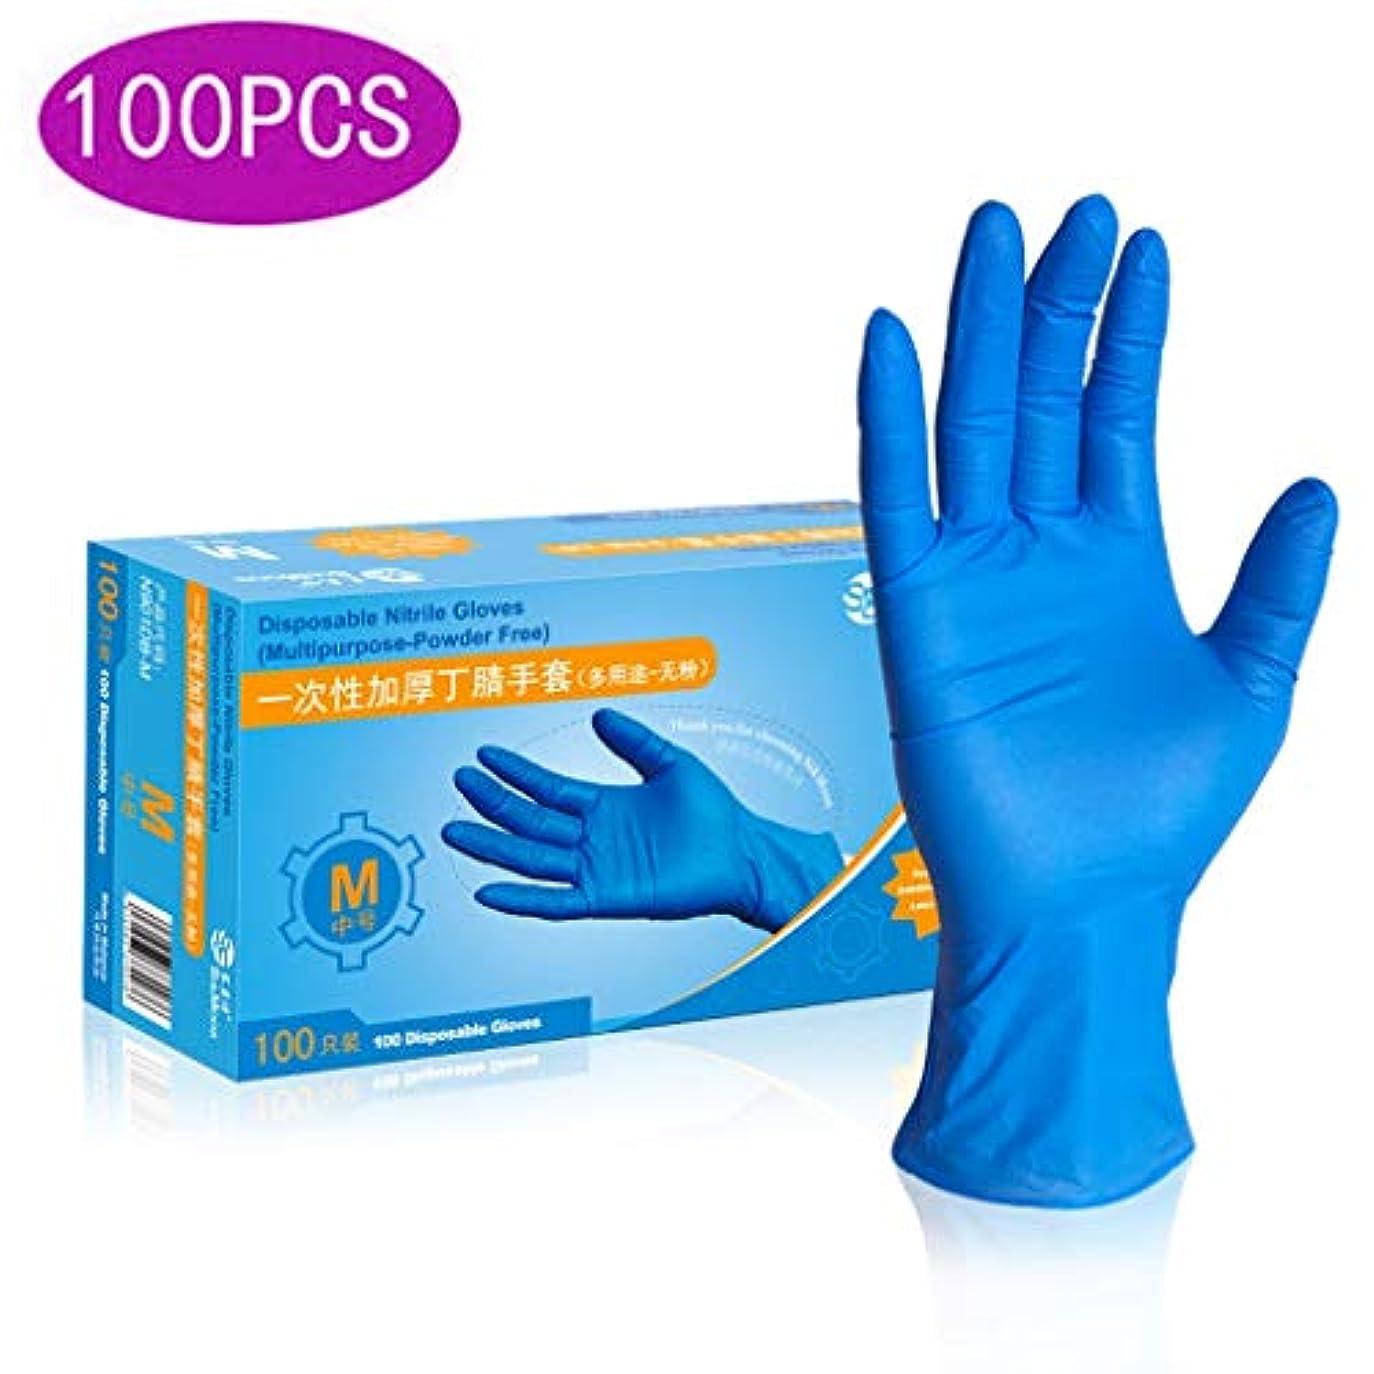 勇気その結果外科医使い捨てラテックス手袋使い捨てニトリル実験用食用油や耐酸グレード (Color : 9 inch, Size : M)